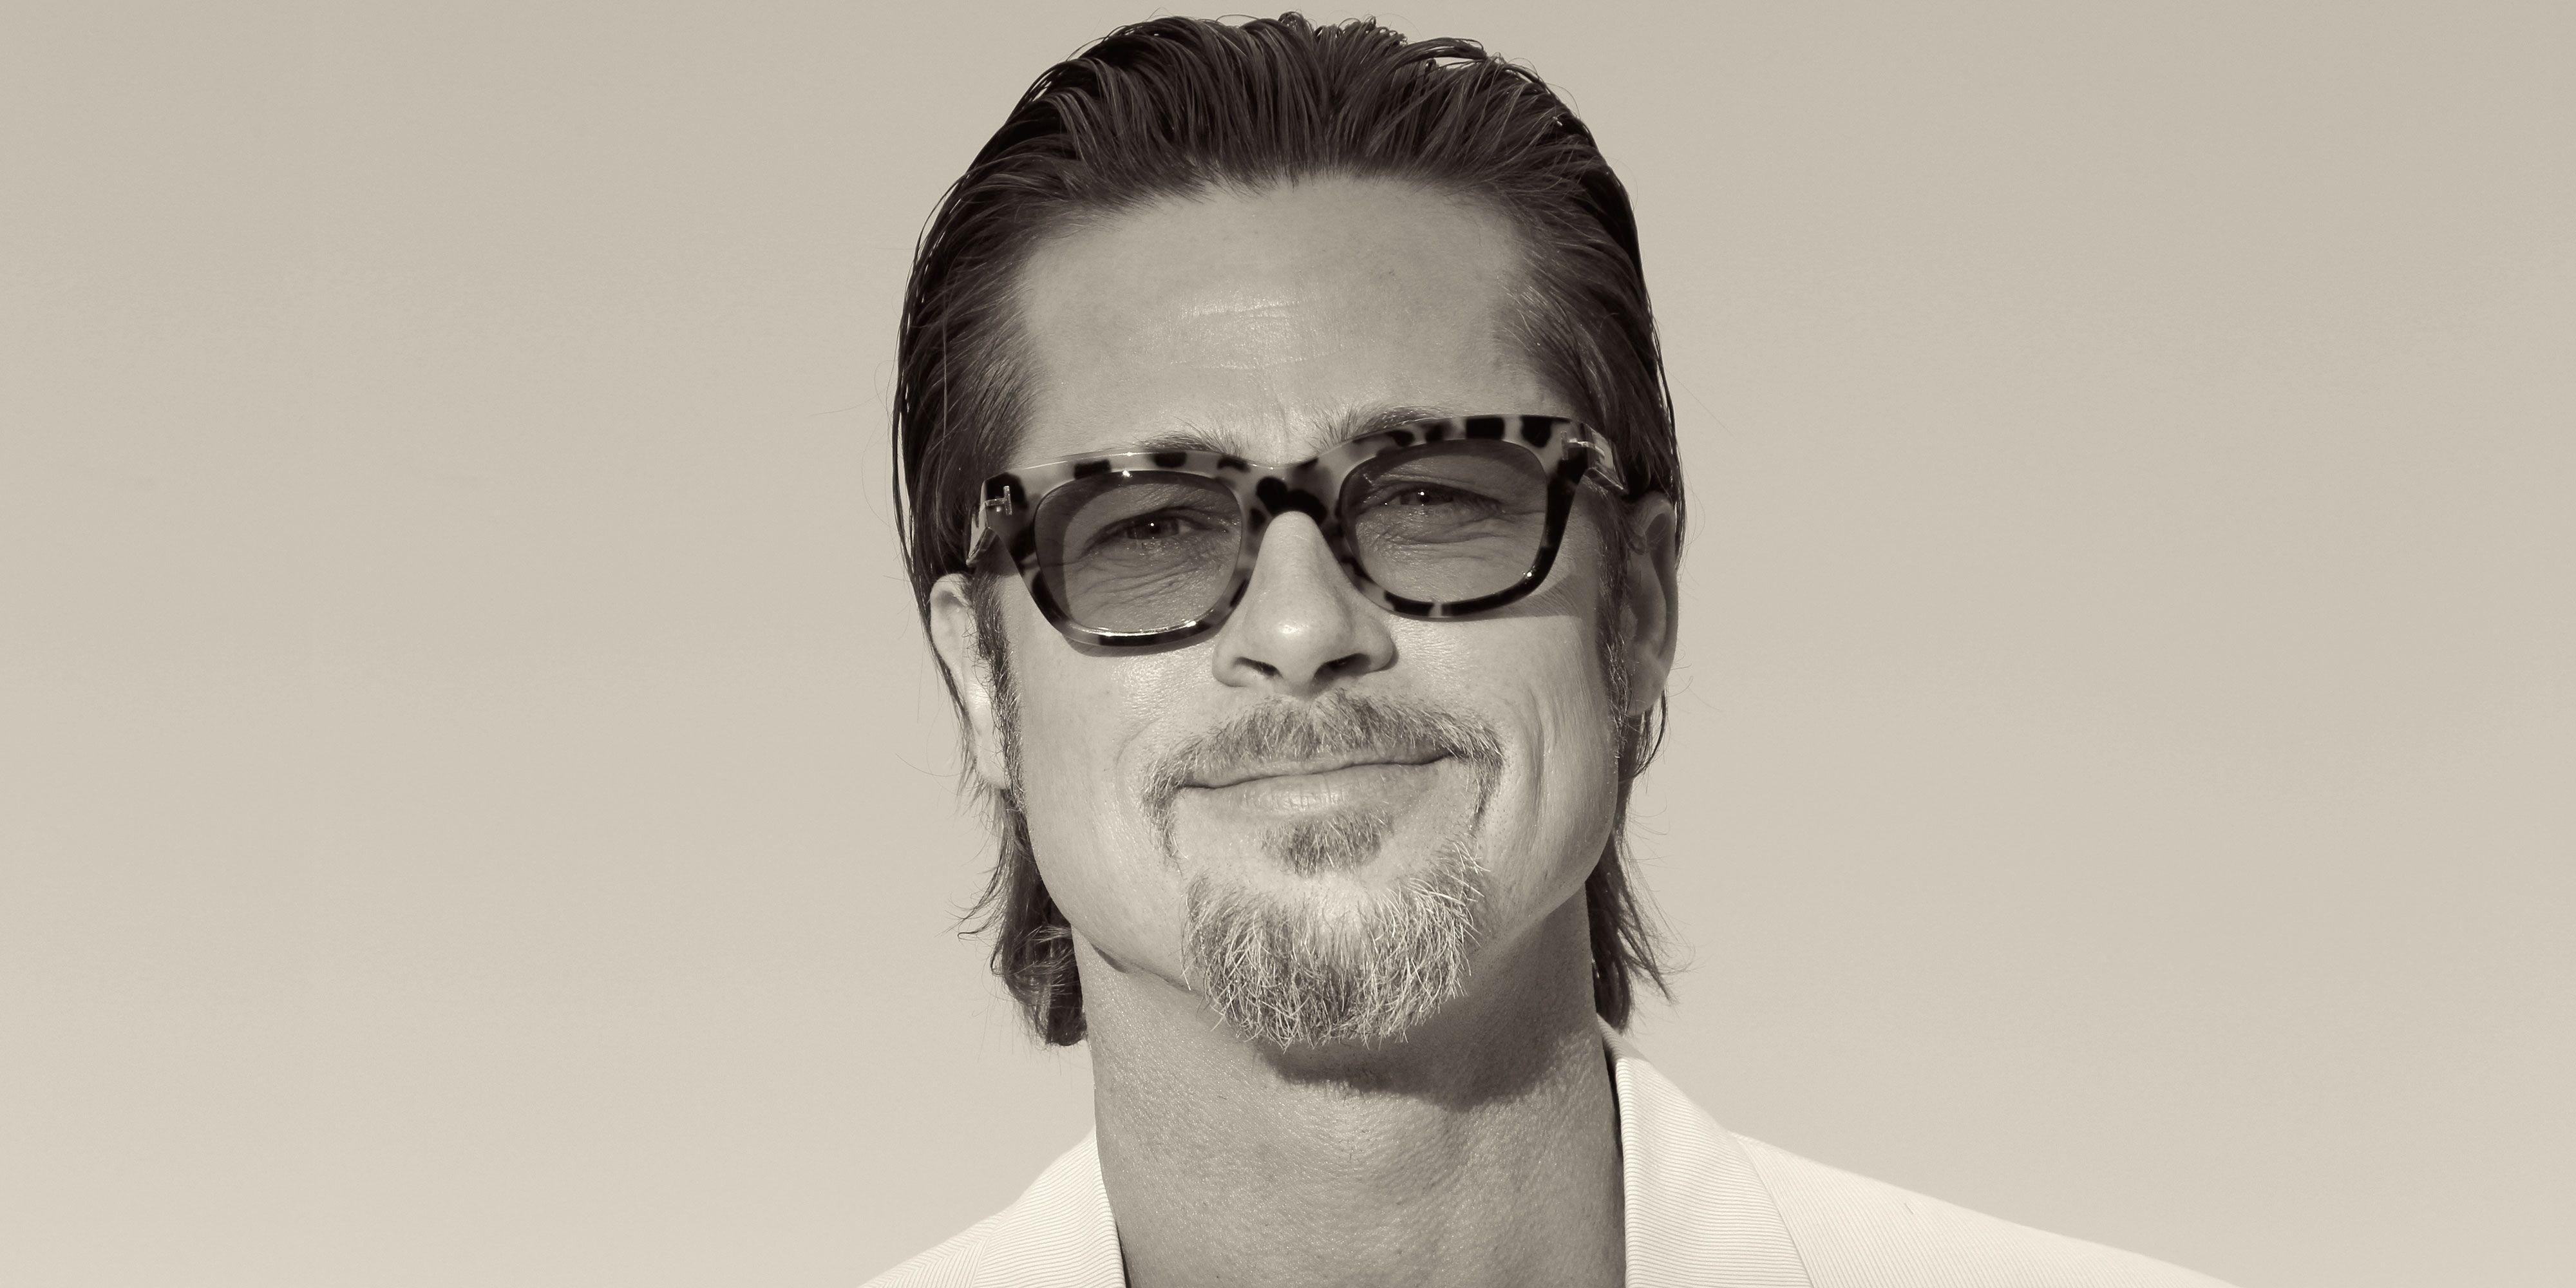 Brad Pitt Cover Story Interview - Brad Pitt Photos and Quotes e404767d2